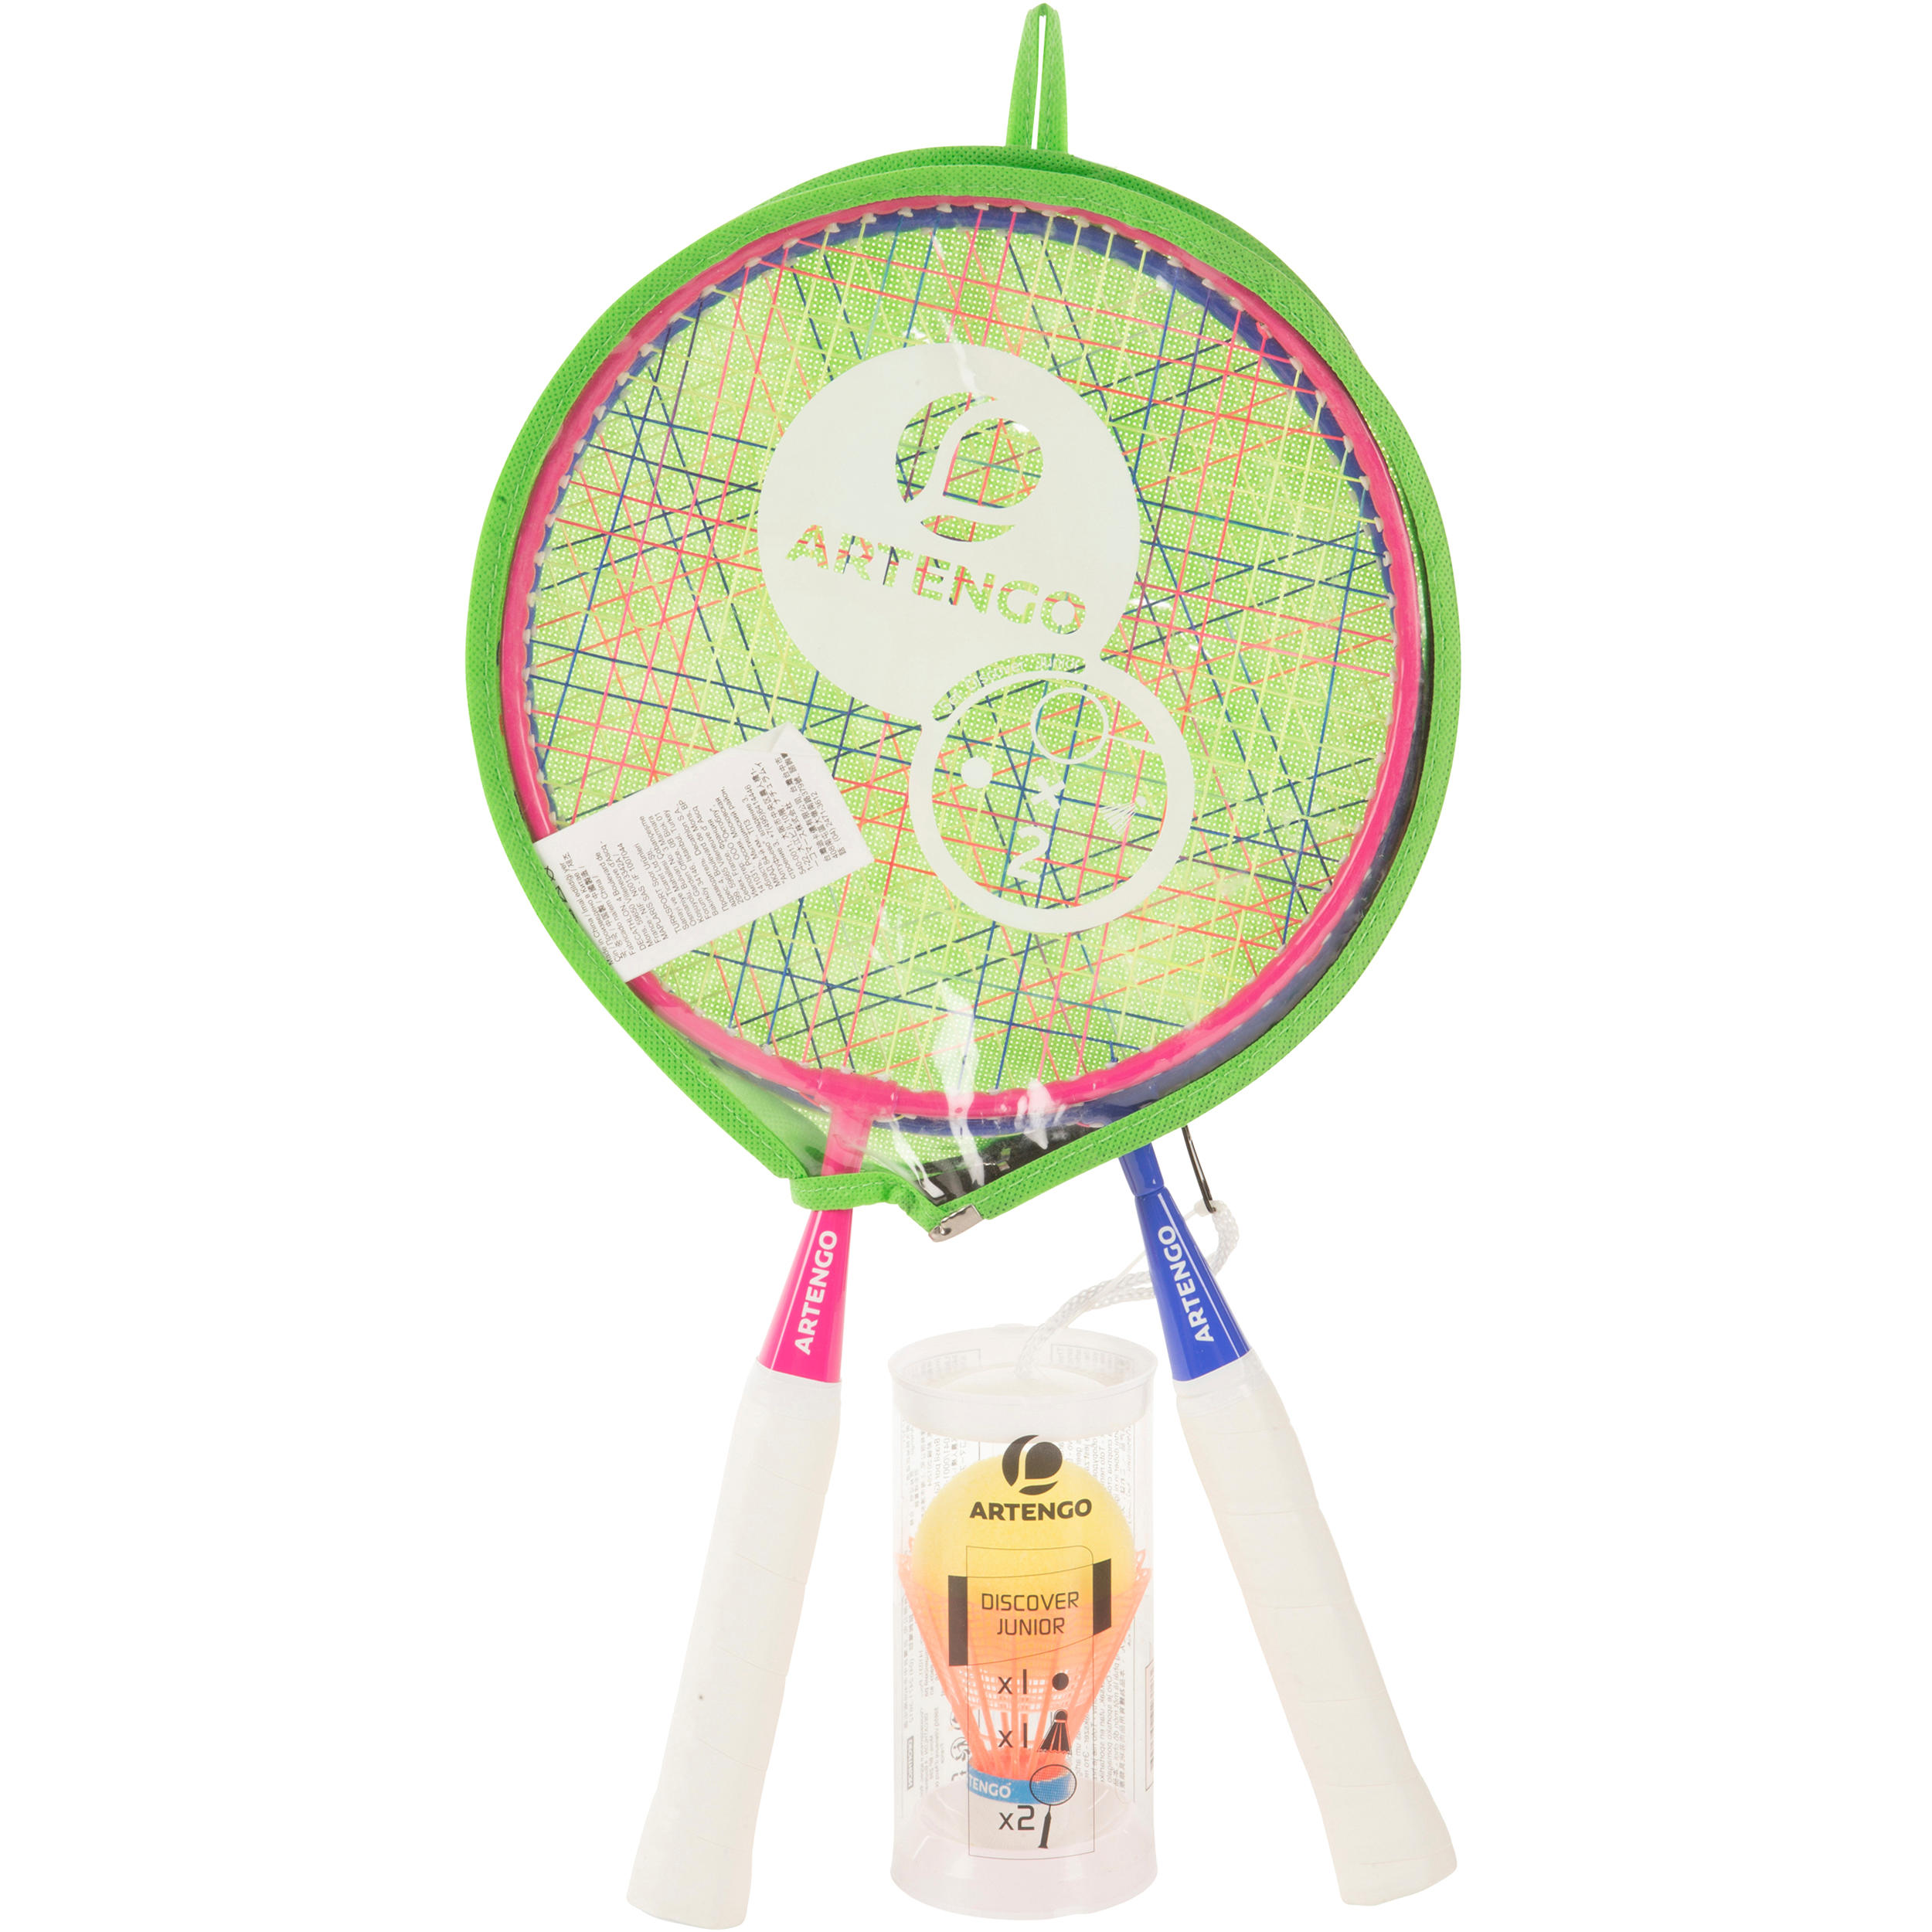 Artengo Badmintonset voor kinderen Discover